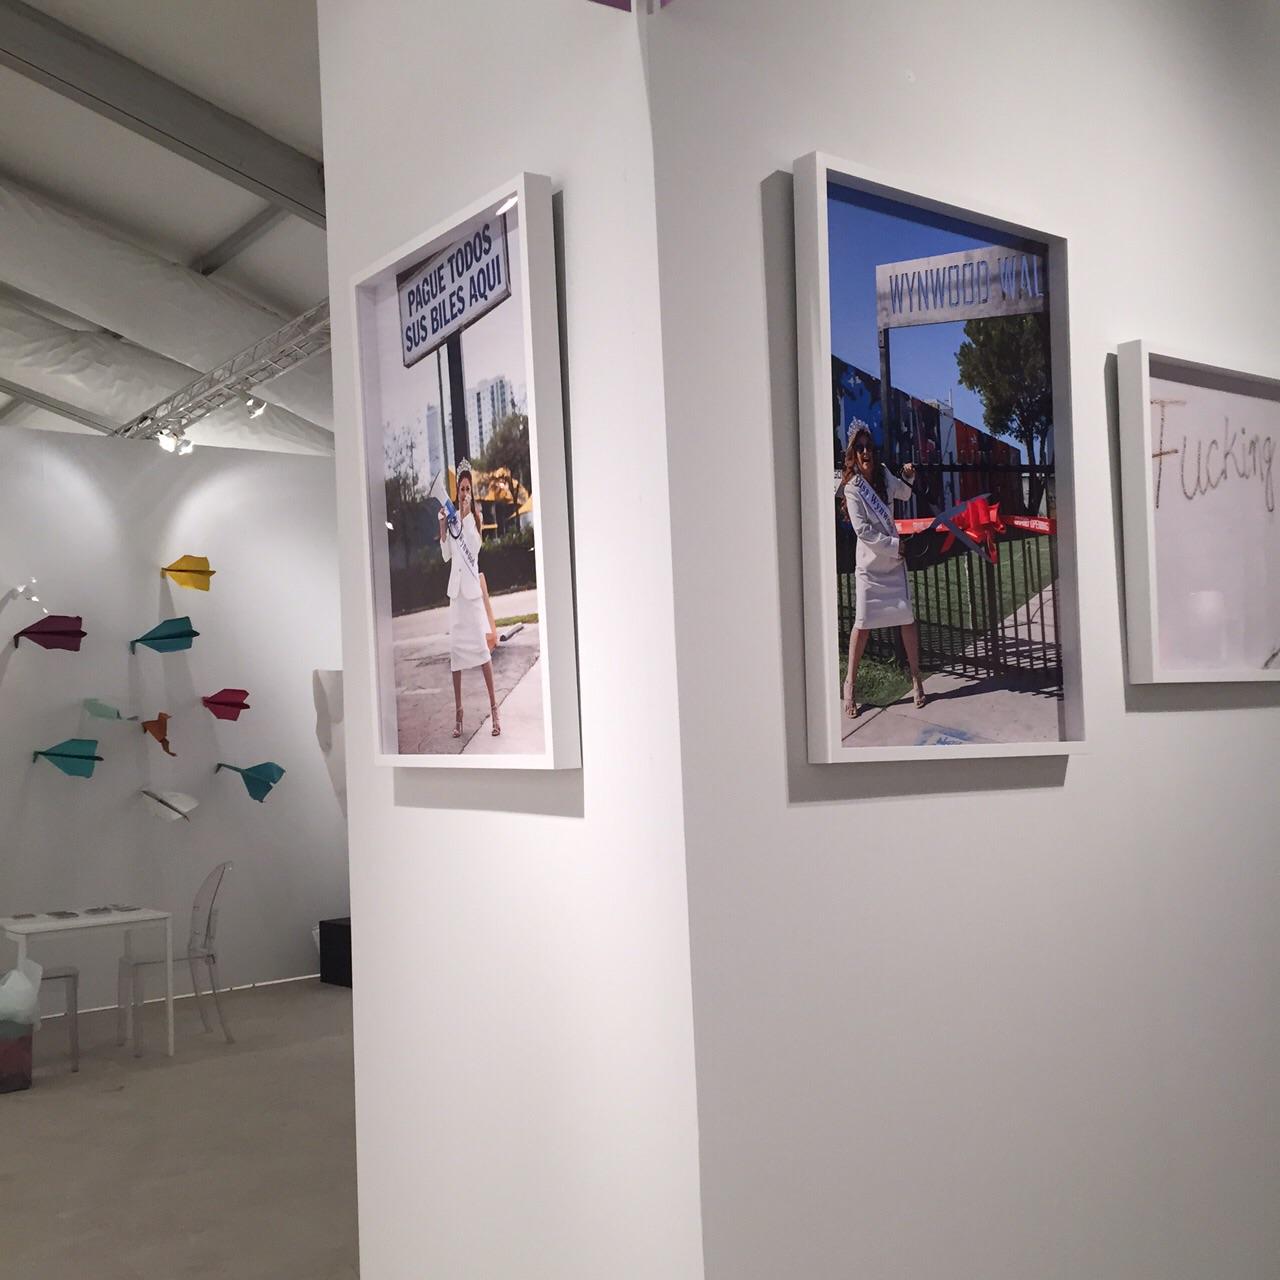 nina-dotti-art-fairs-biennials-art-wynwood-miss-wynwood-7.jpg